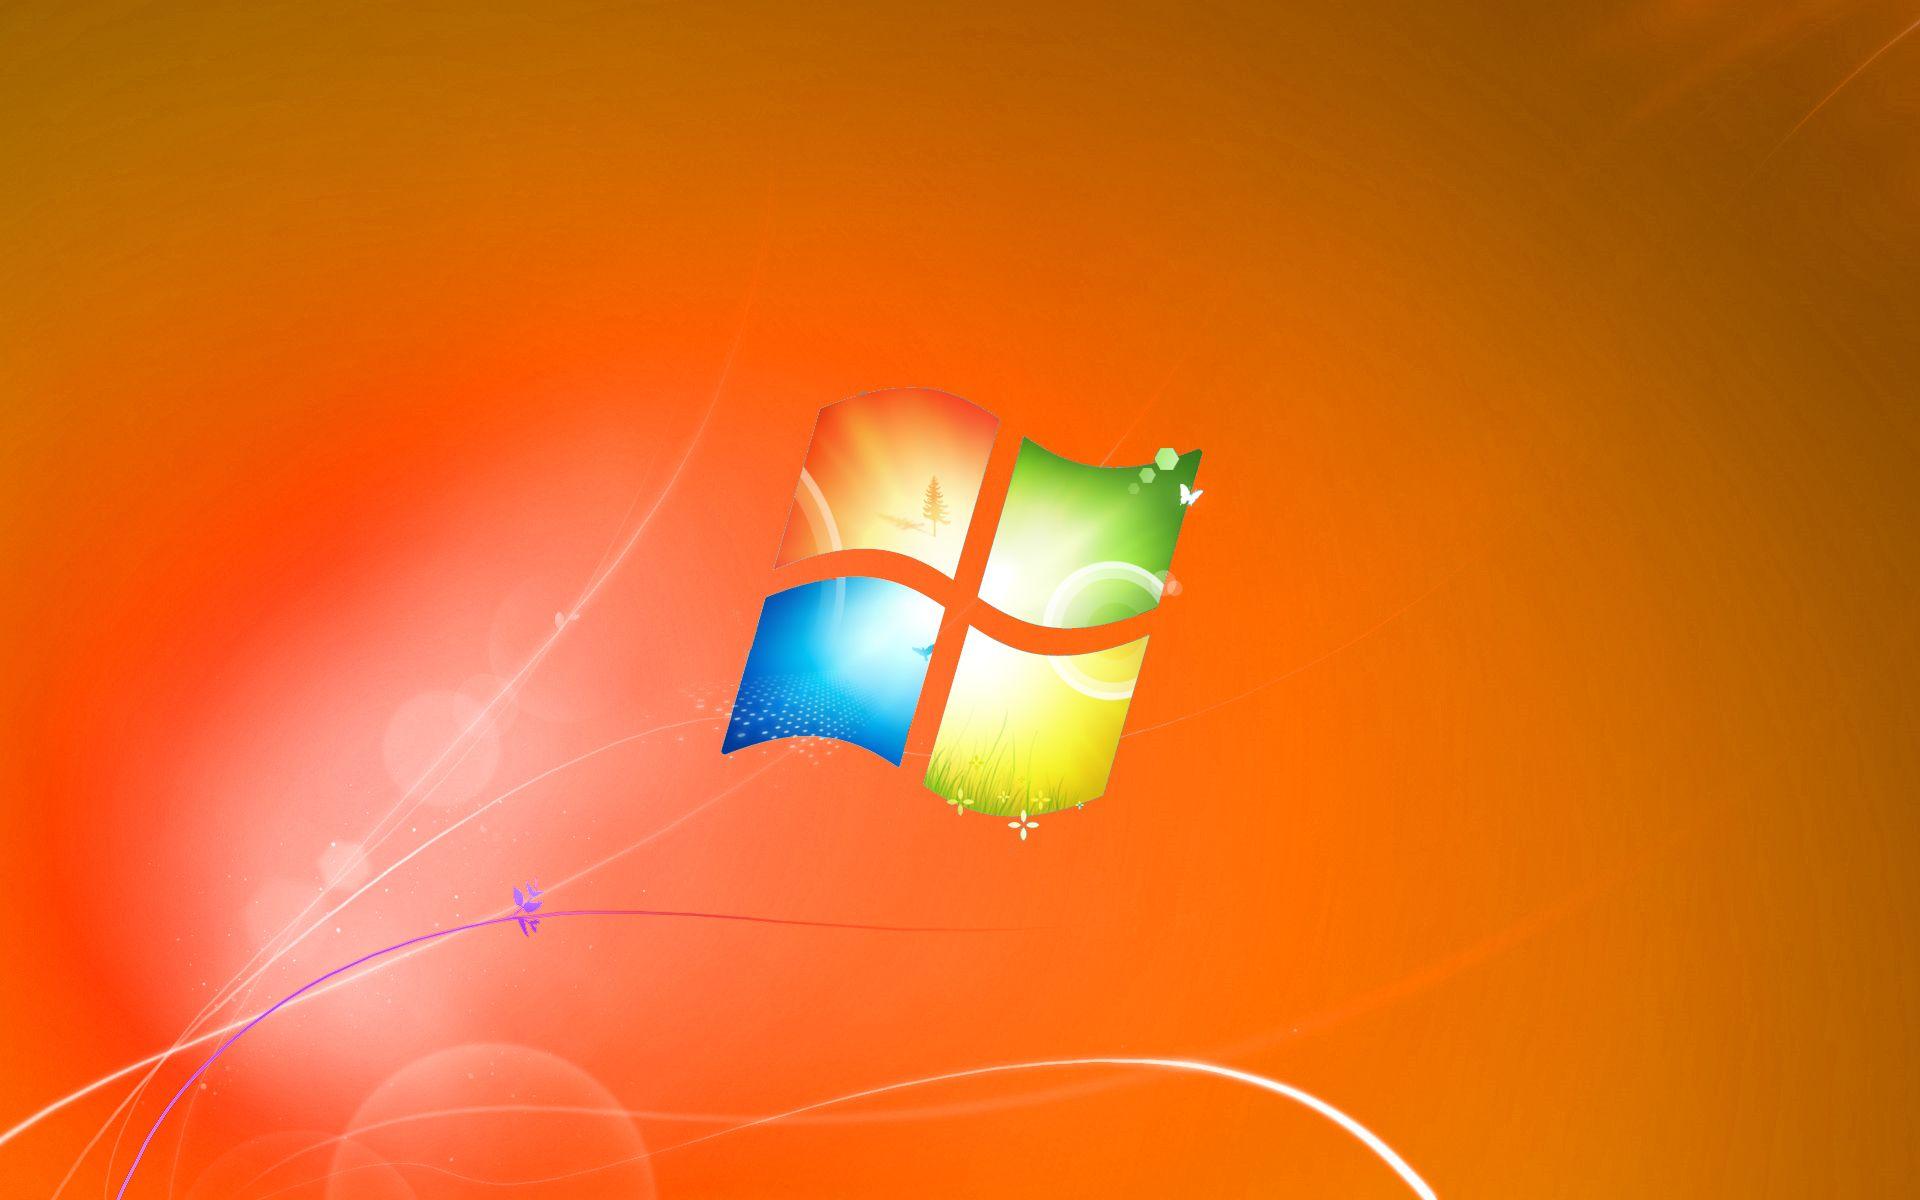 Windows 7 Default Wallpaper Orange Version By Dominichulmedeviantart On DeviantArt